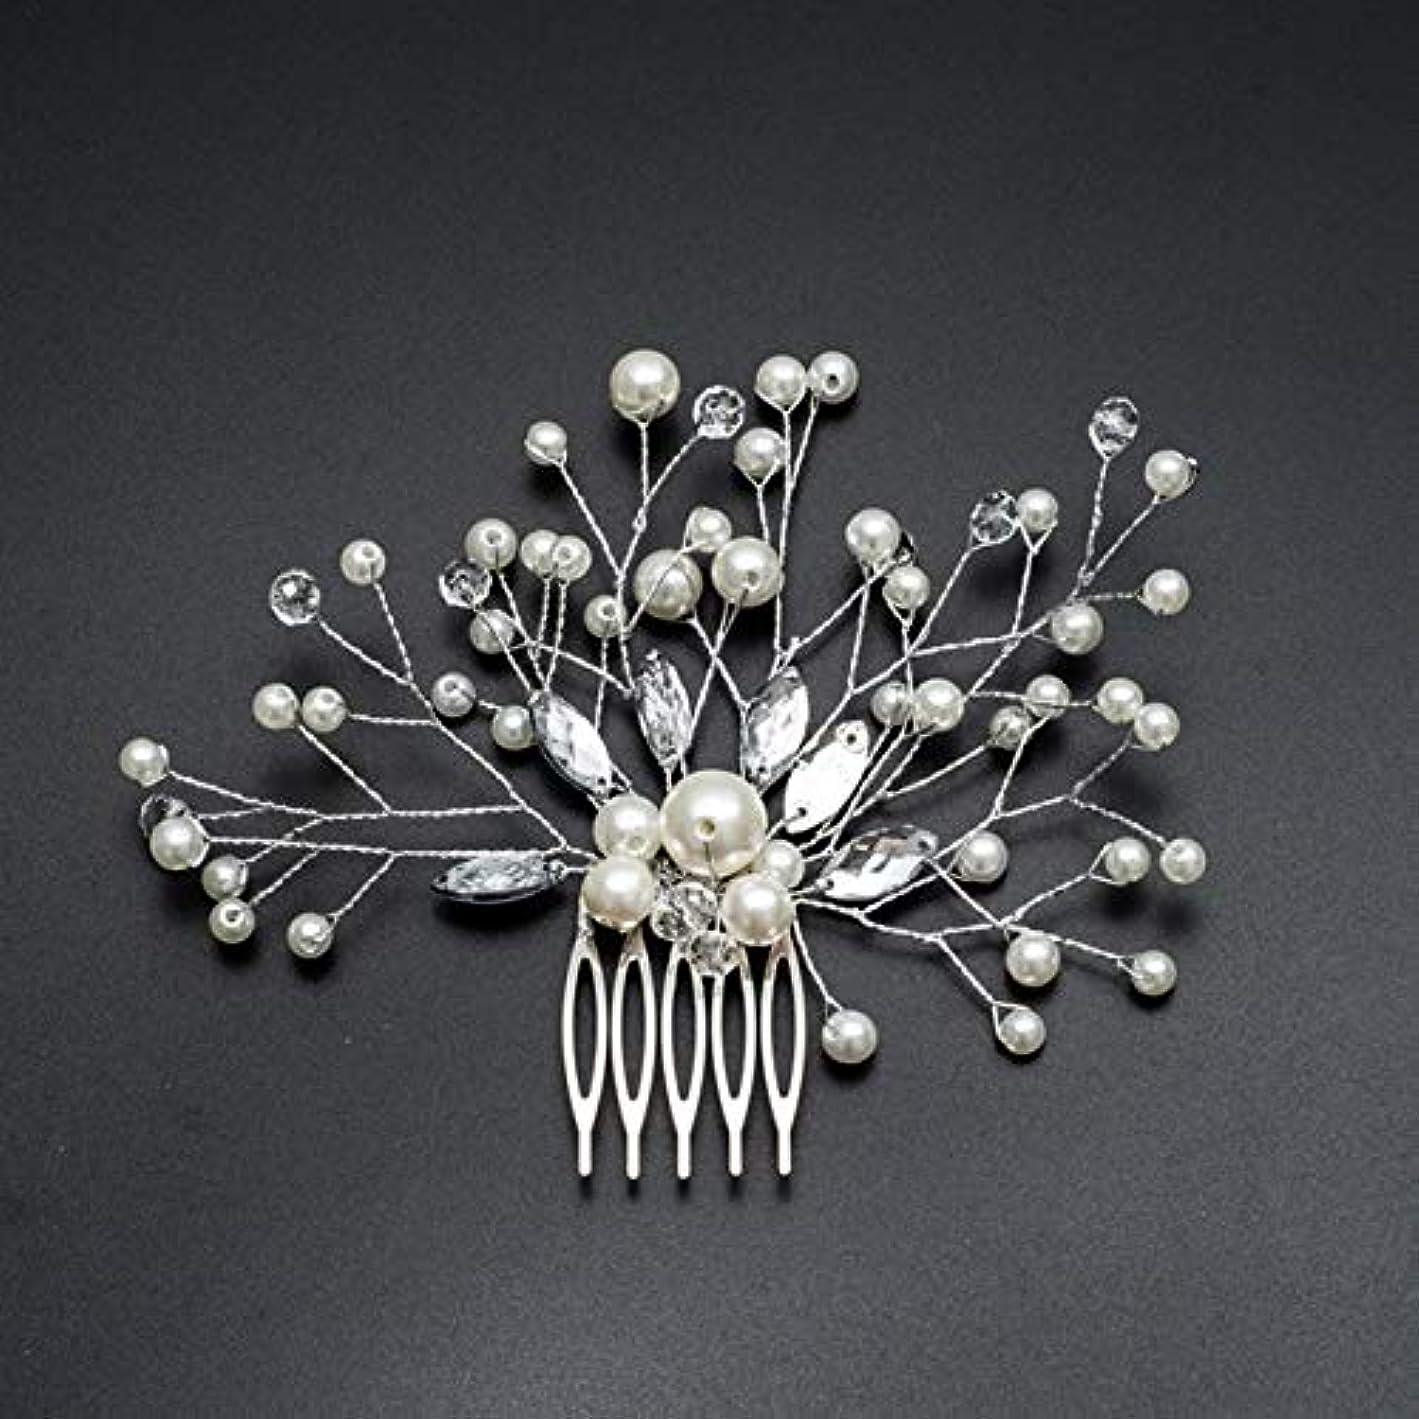 有益ちなみに中央フラワーヘアピンFlowerHairpin YHMパール女性のヘアコーム結婚式のヘアアクセサリーヘアピンラインストーンティアラブライダルクリップクリスタルクラウン花嫁の髪の宝石類(シルバー) (色 : Silver)